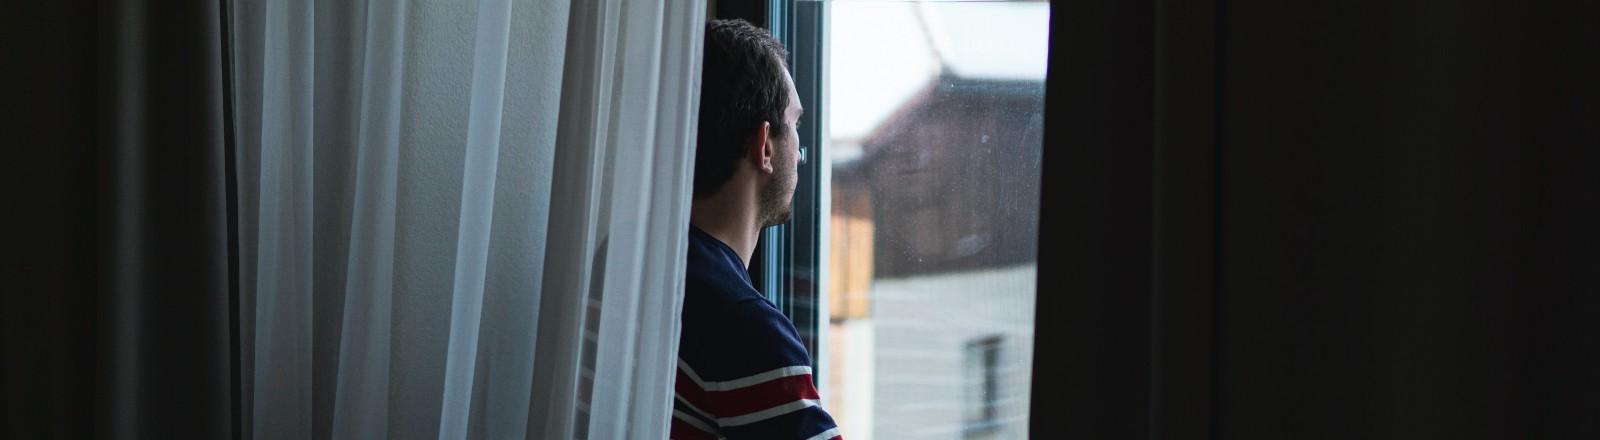 Ein Mann sitzt auf einer Fensterbank und schaut nach draußen auf ein Haus.